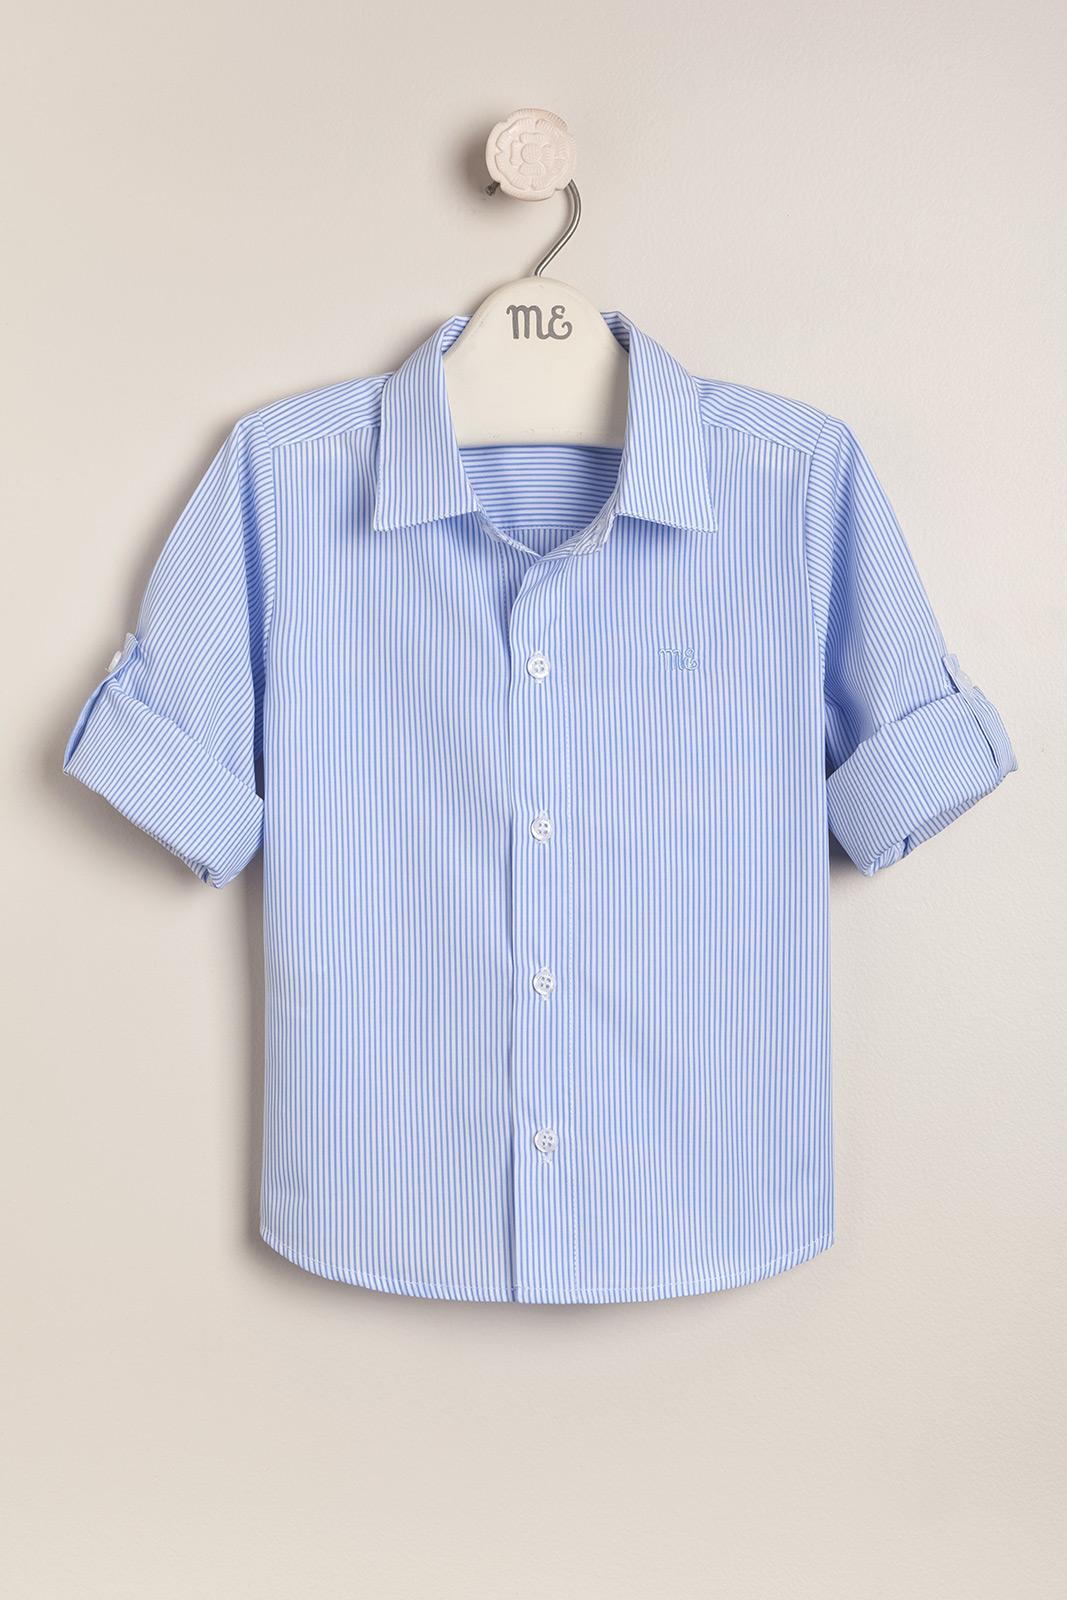 Camisa rayada bco/cel